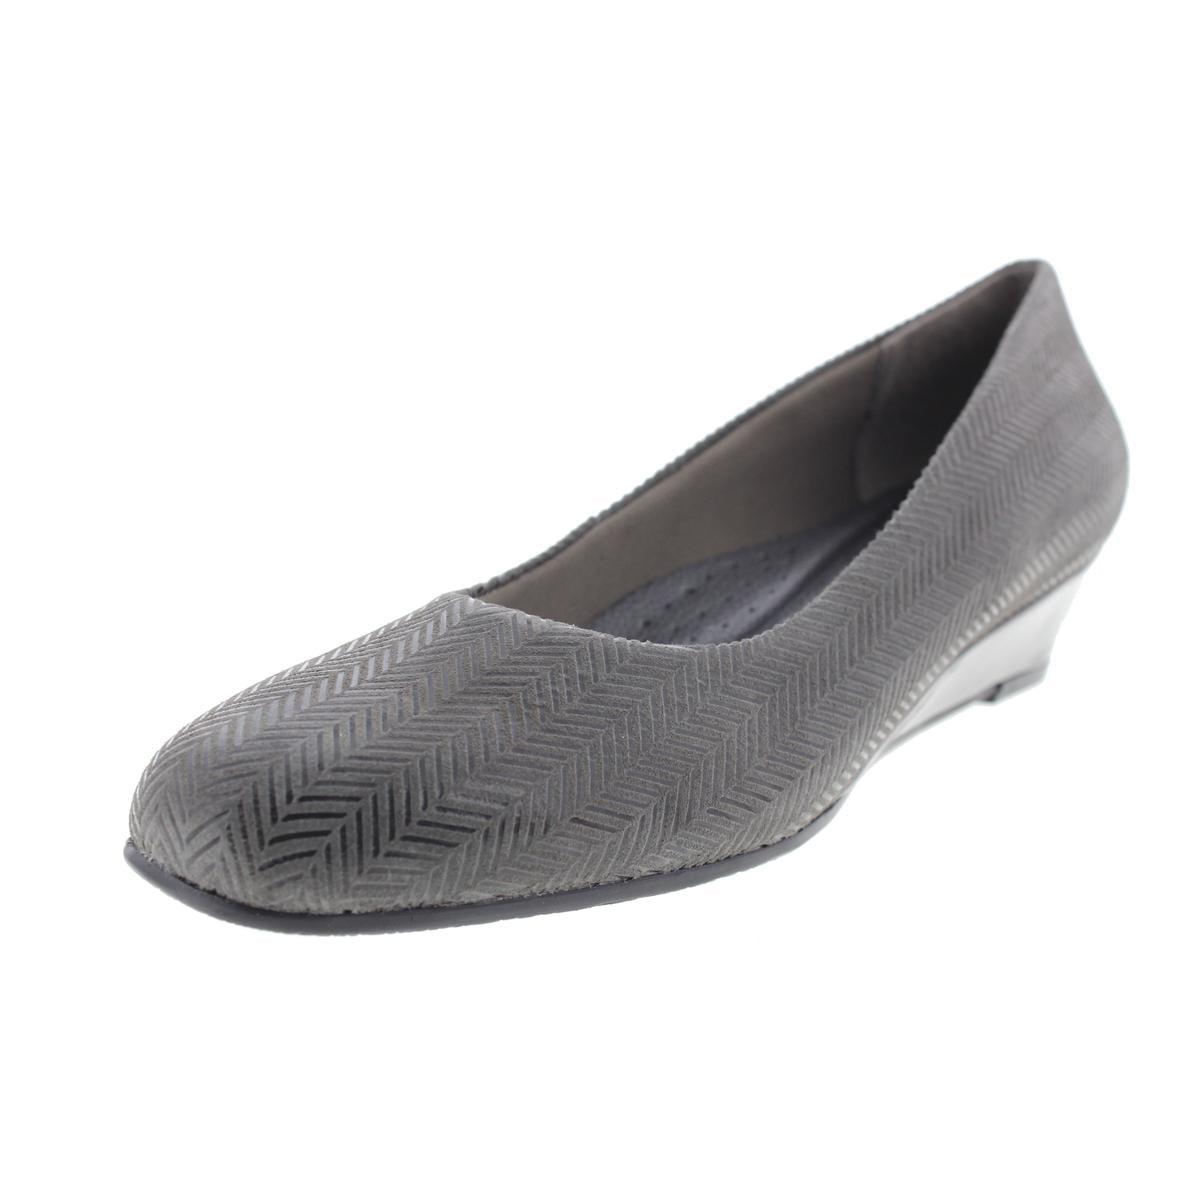 Trotters Womens Lauren Wedge Heels by Trotters